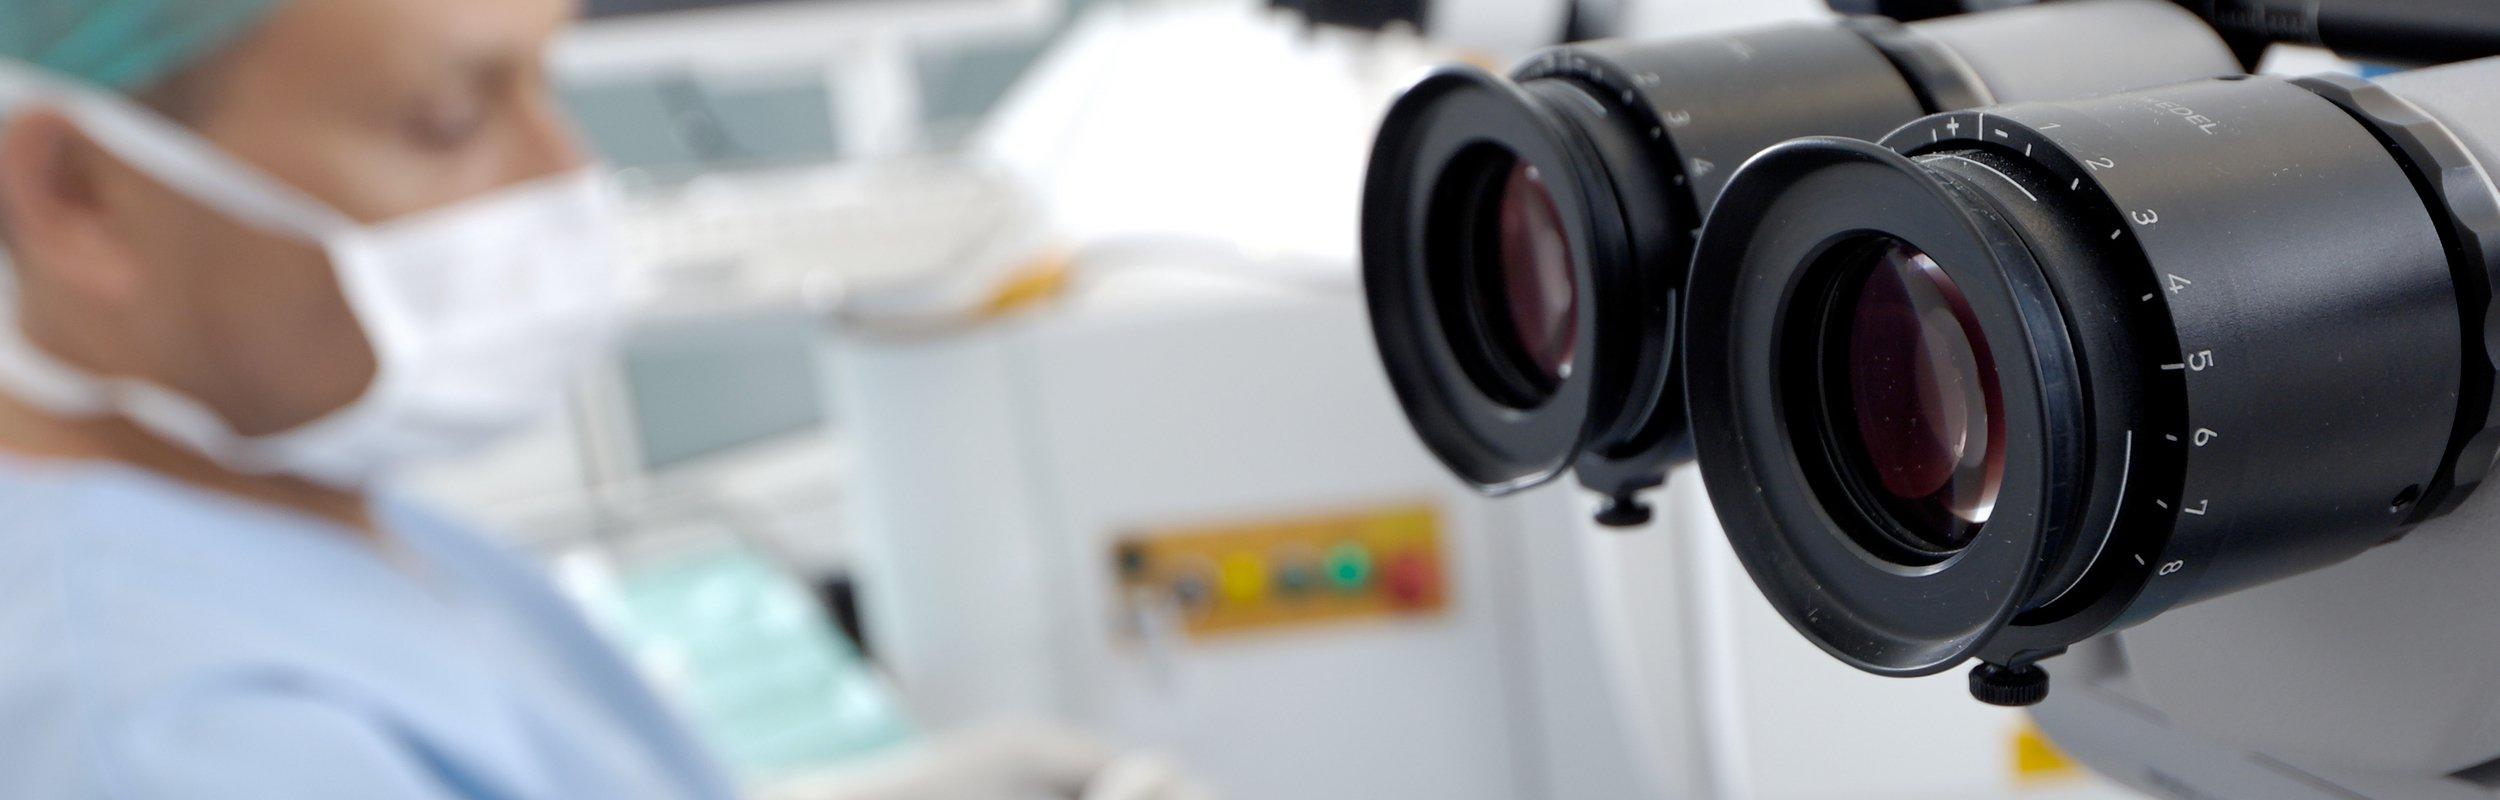 Prix de l'opération laser des yeux - Tarifs chirurgie